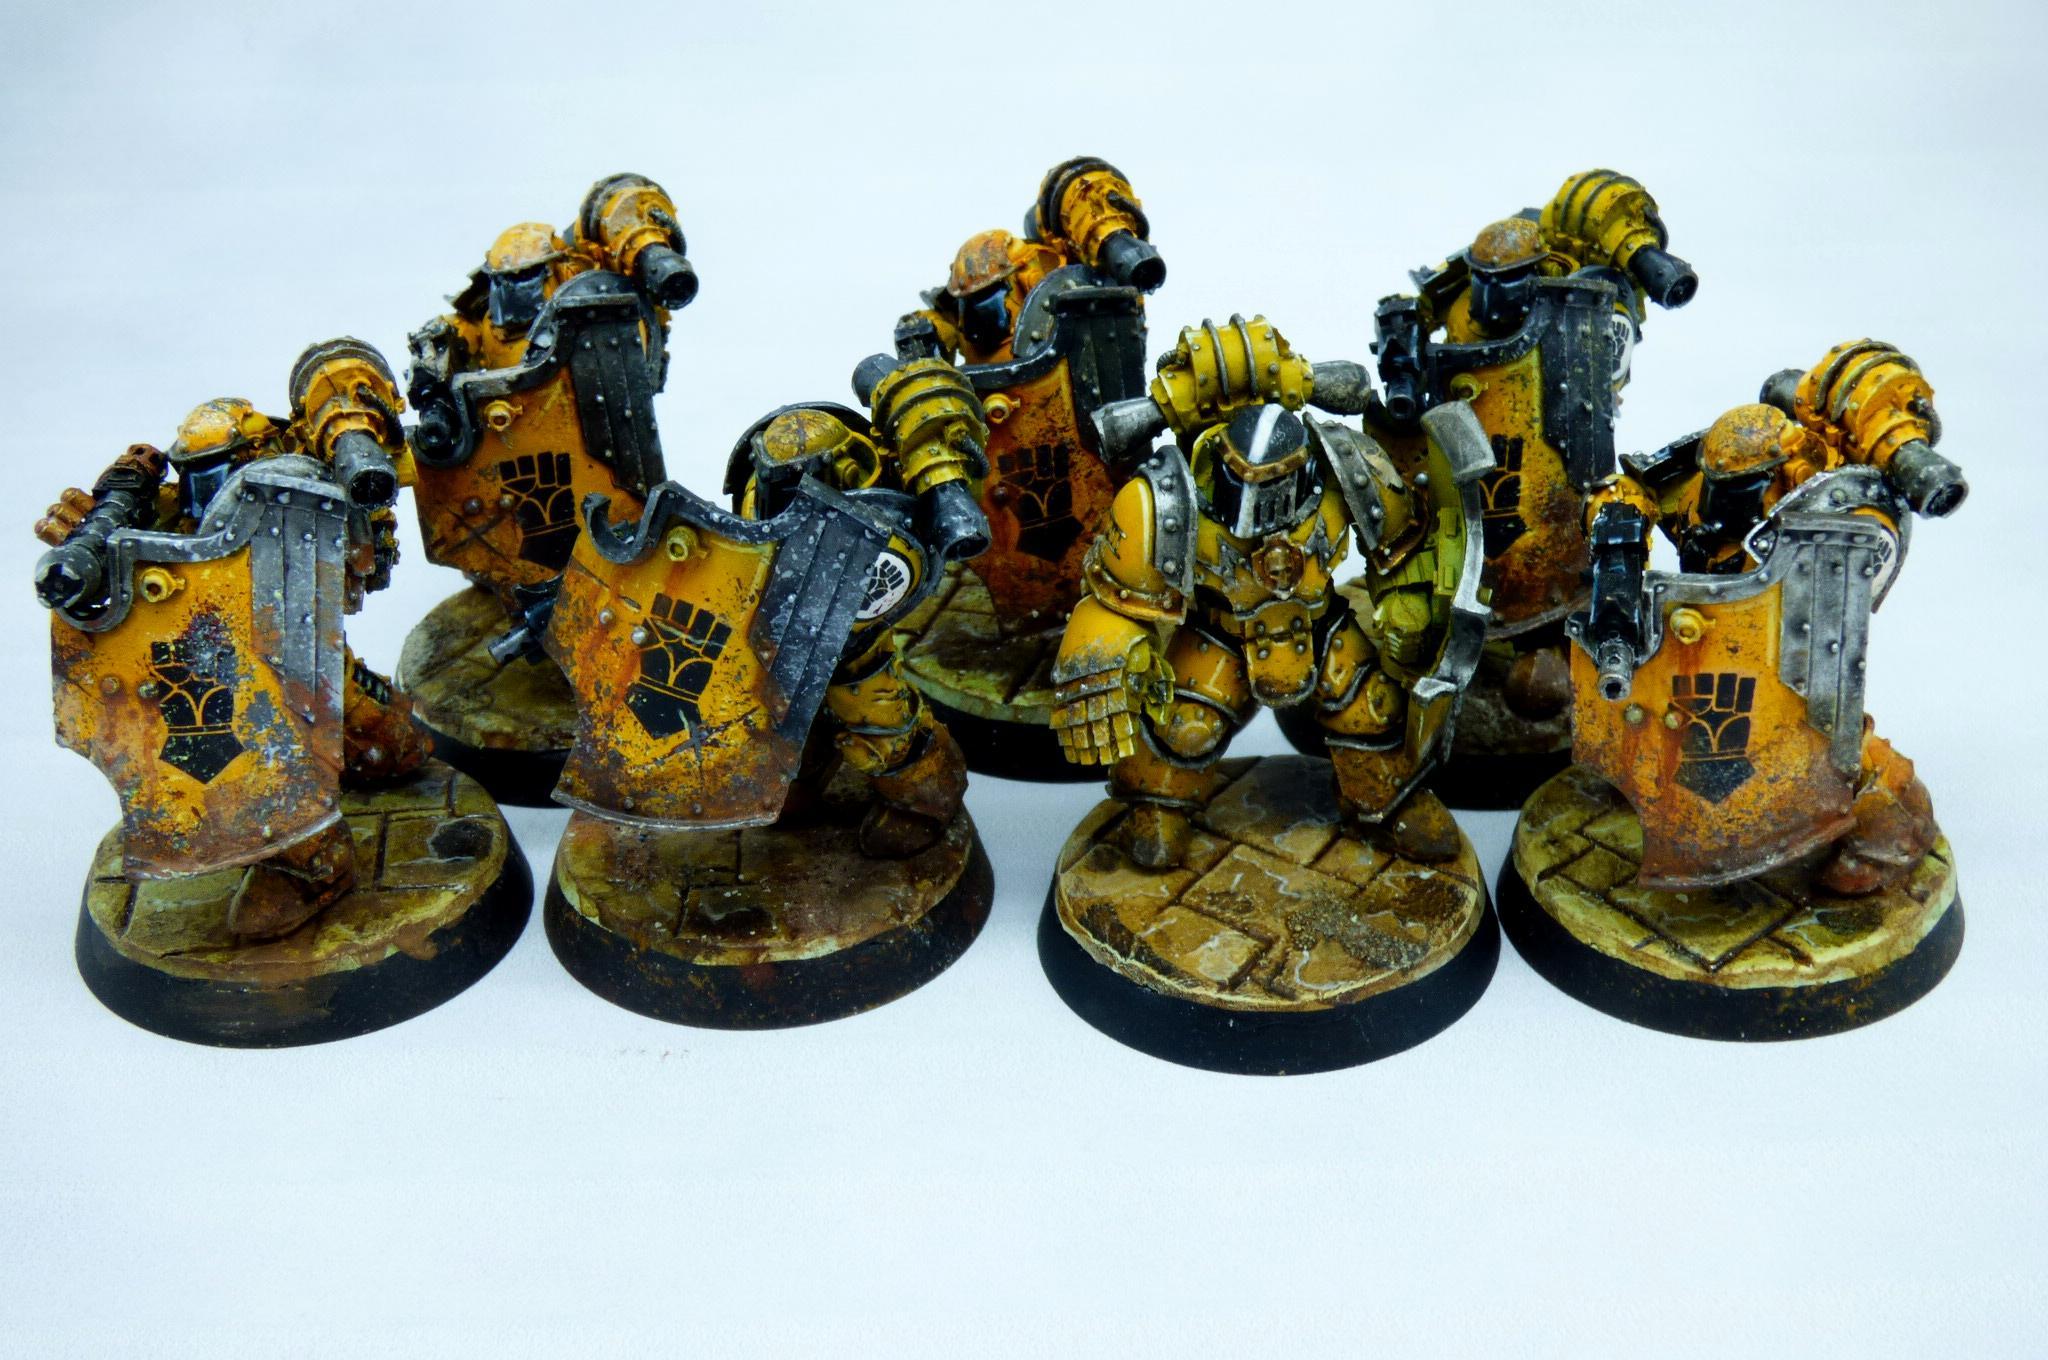 30k, Breachers, Horus Heresy, Imperial Fists